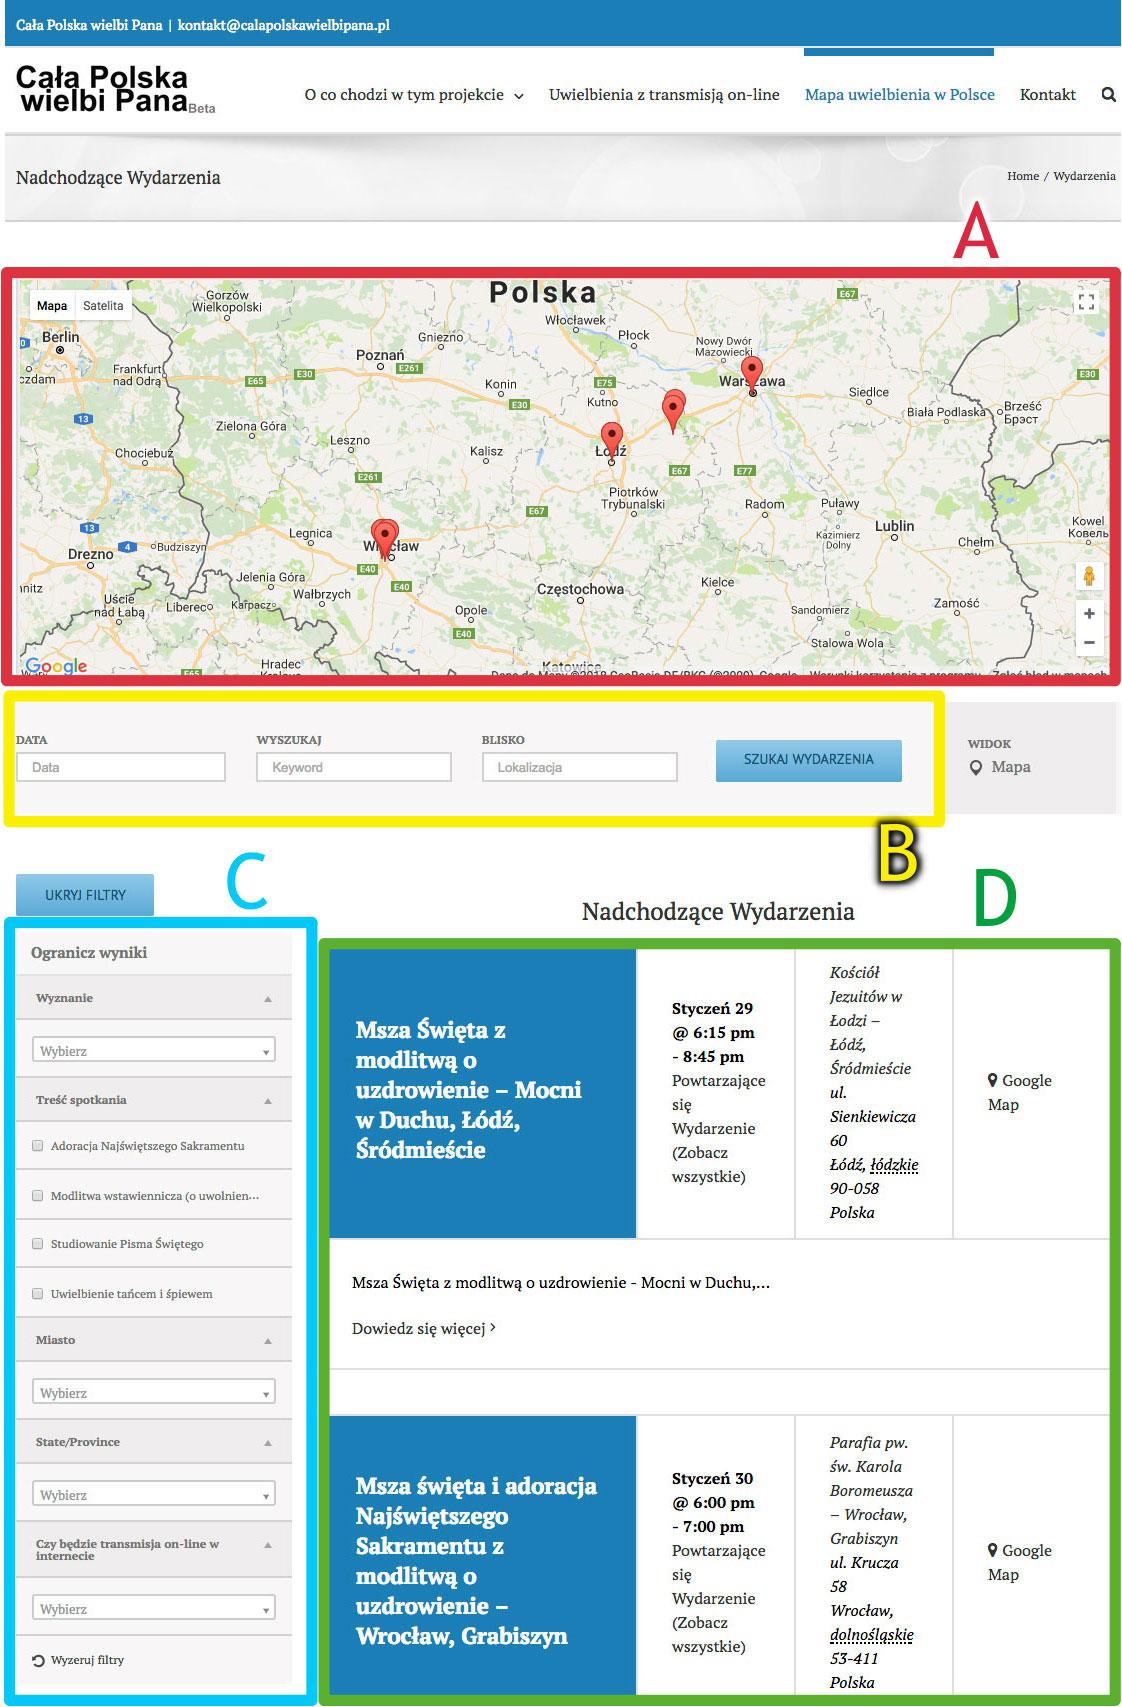 Mapa uwielbienia w Polsce - funkcjonalności